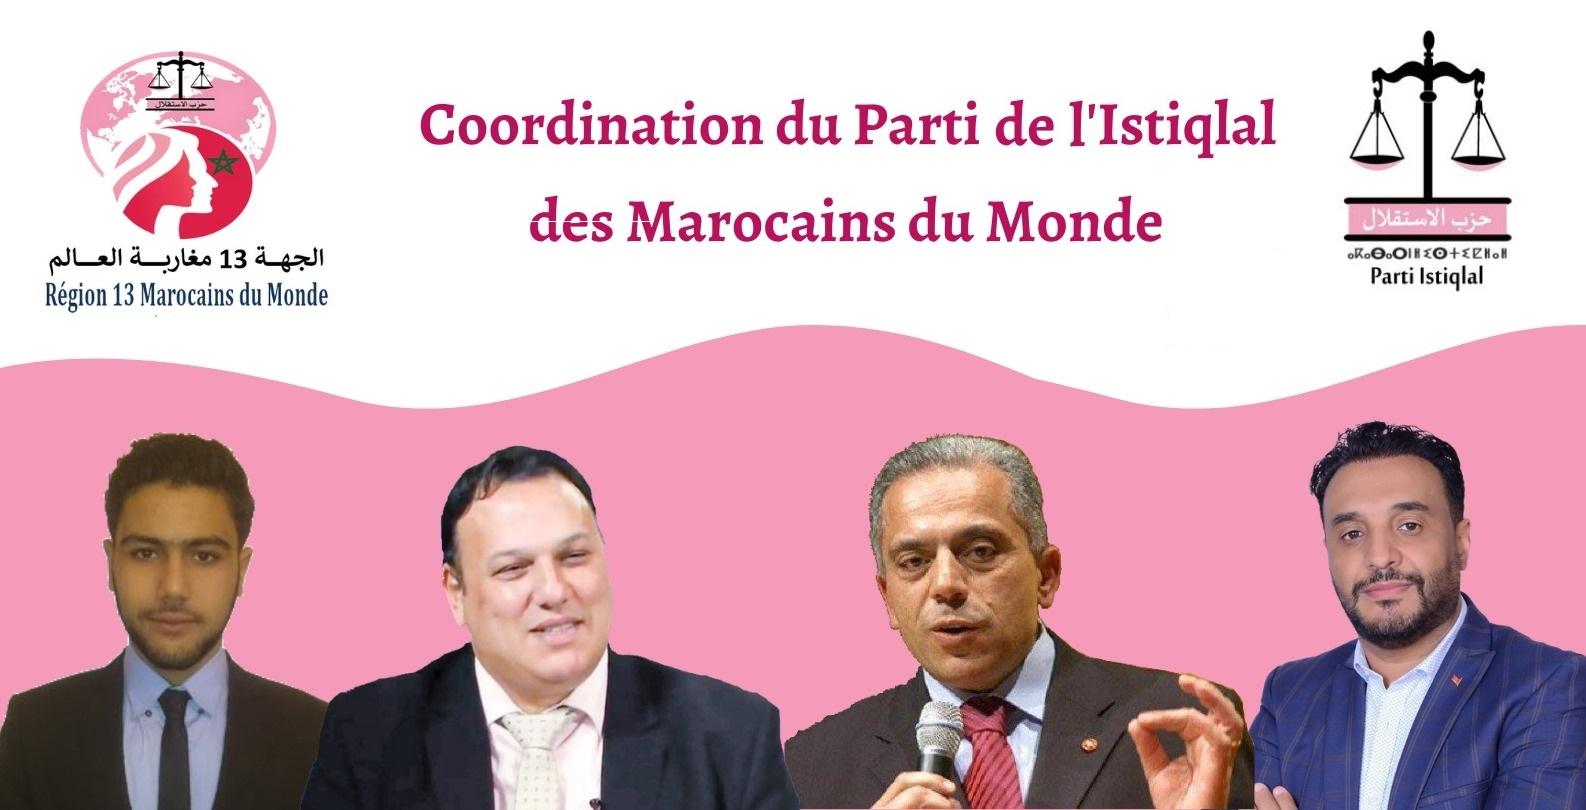 Le Parti de l'Istiqlal se mobilise pour la Communauté marocaine à l'étranger